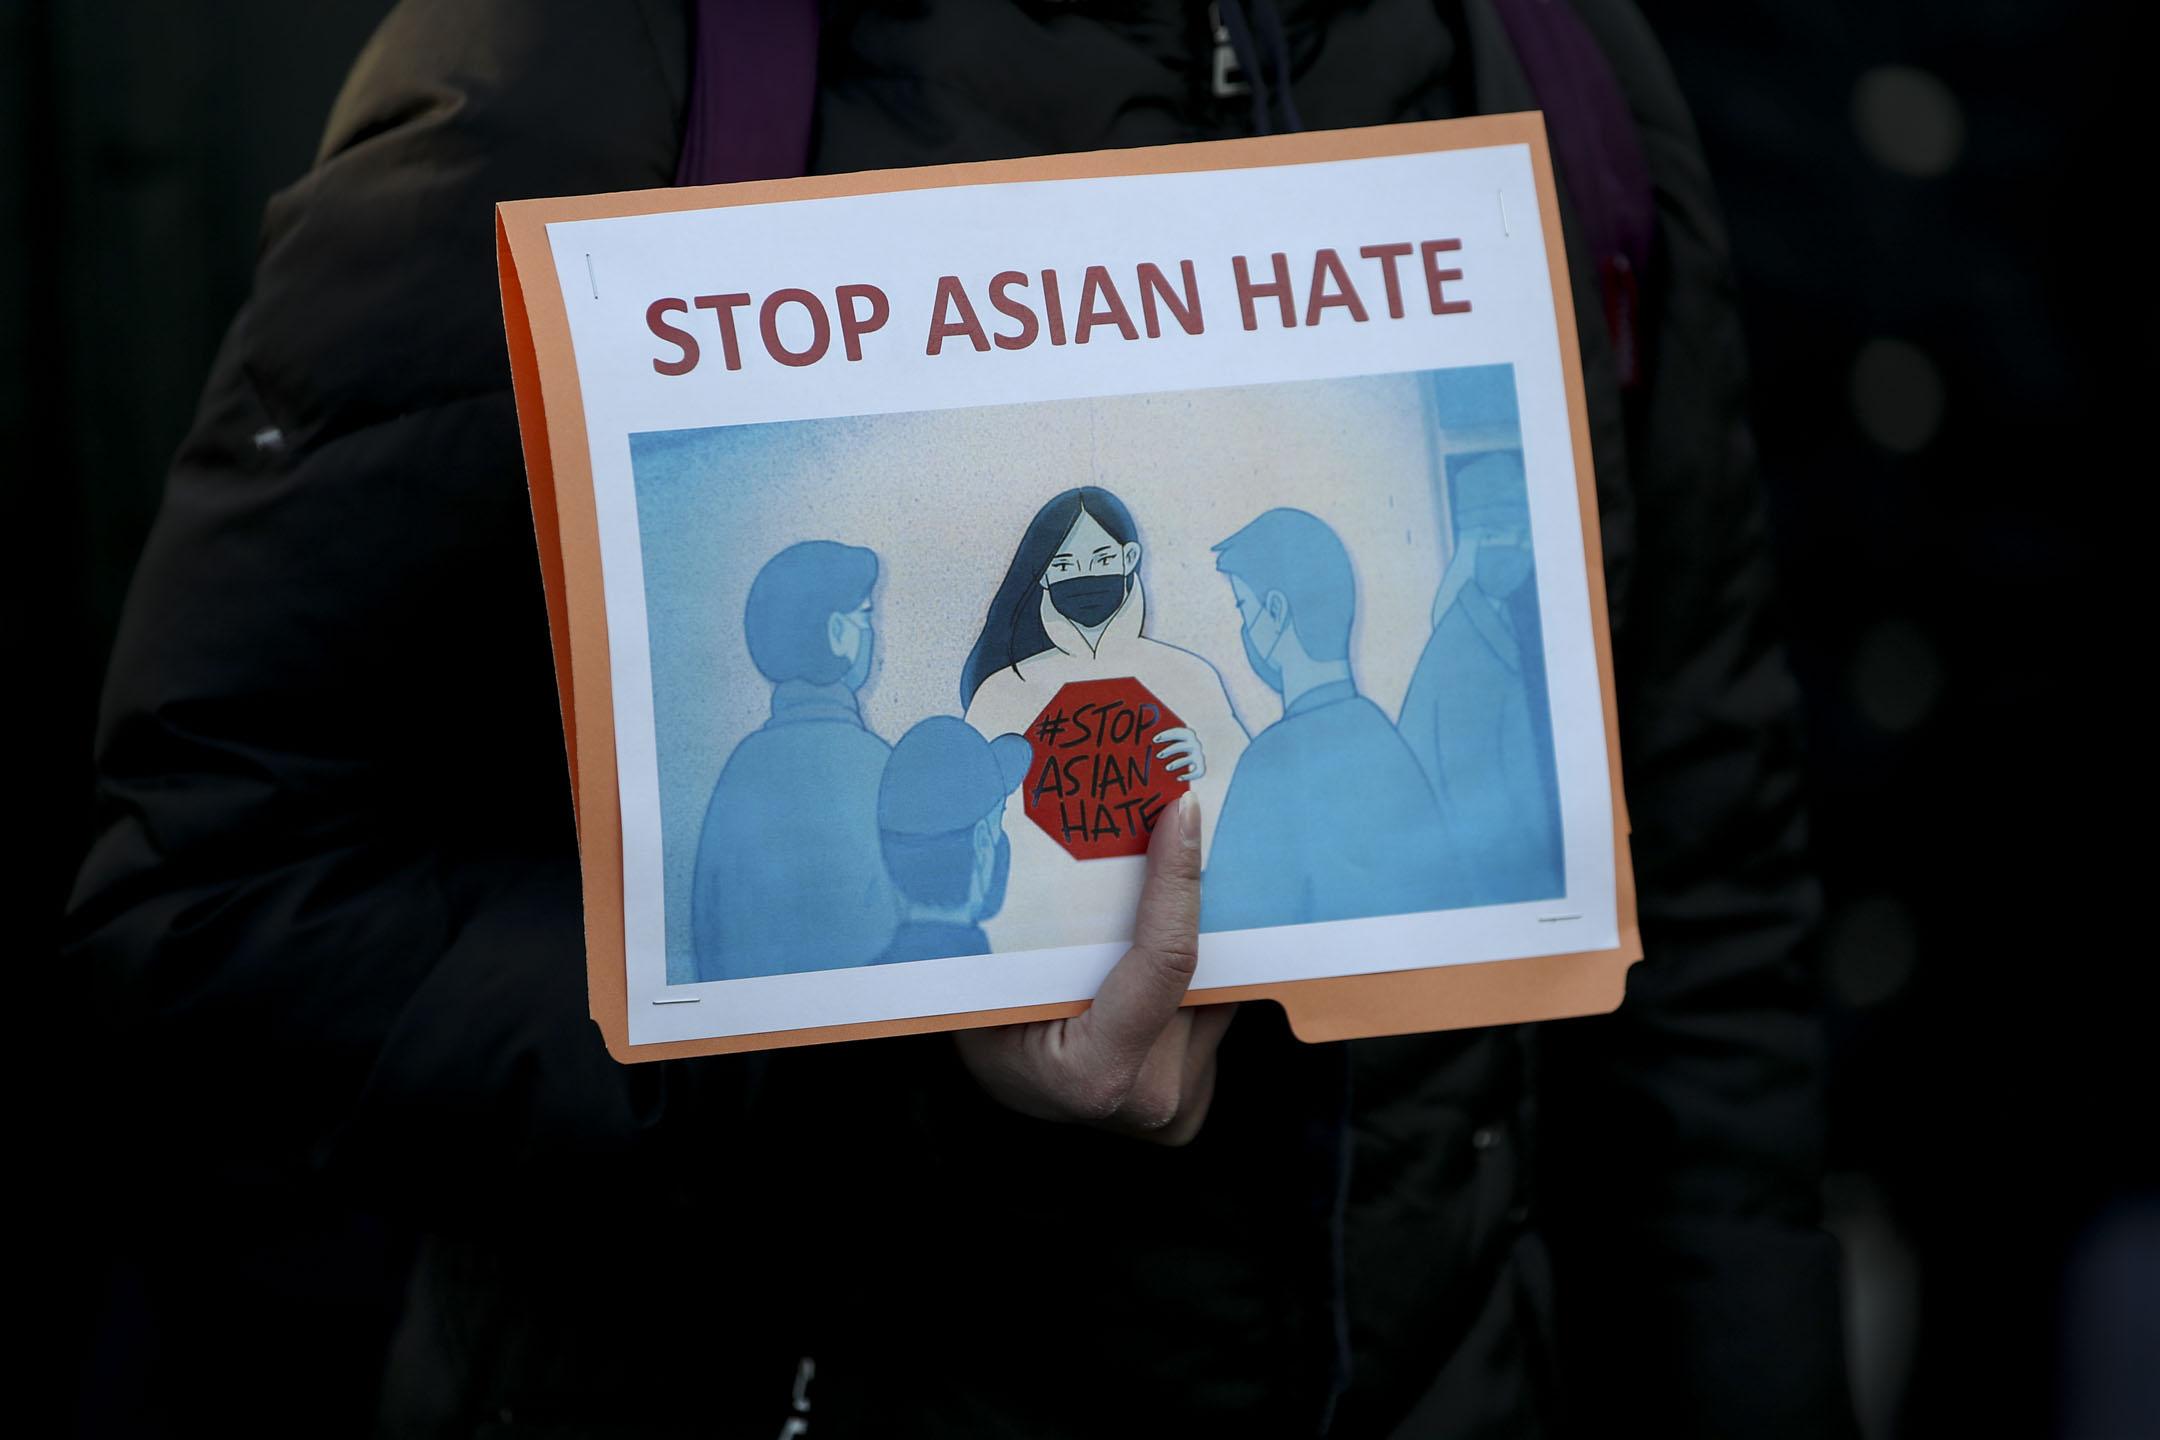 2021年3月19日,亞特蘭大槍擊案後,紐約市聯合廣場舉行的一個為亞洲仇恨受害者發聲的和平守夜聚會。 攝:Tayfun Coskun/Anadolu Agency via Getty Images